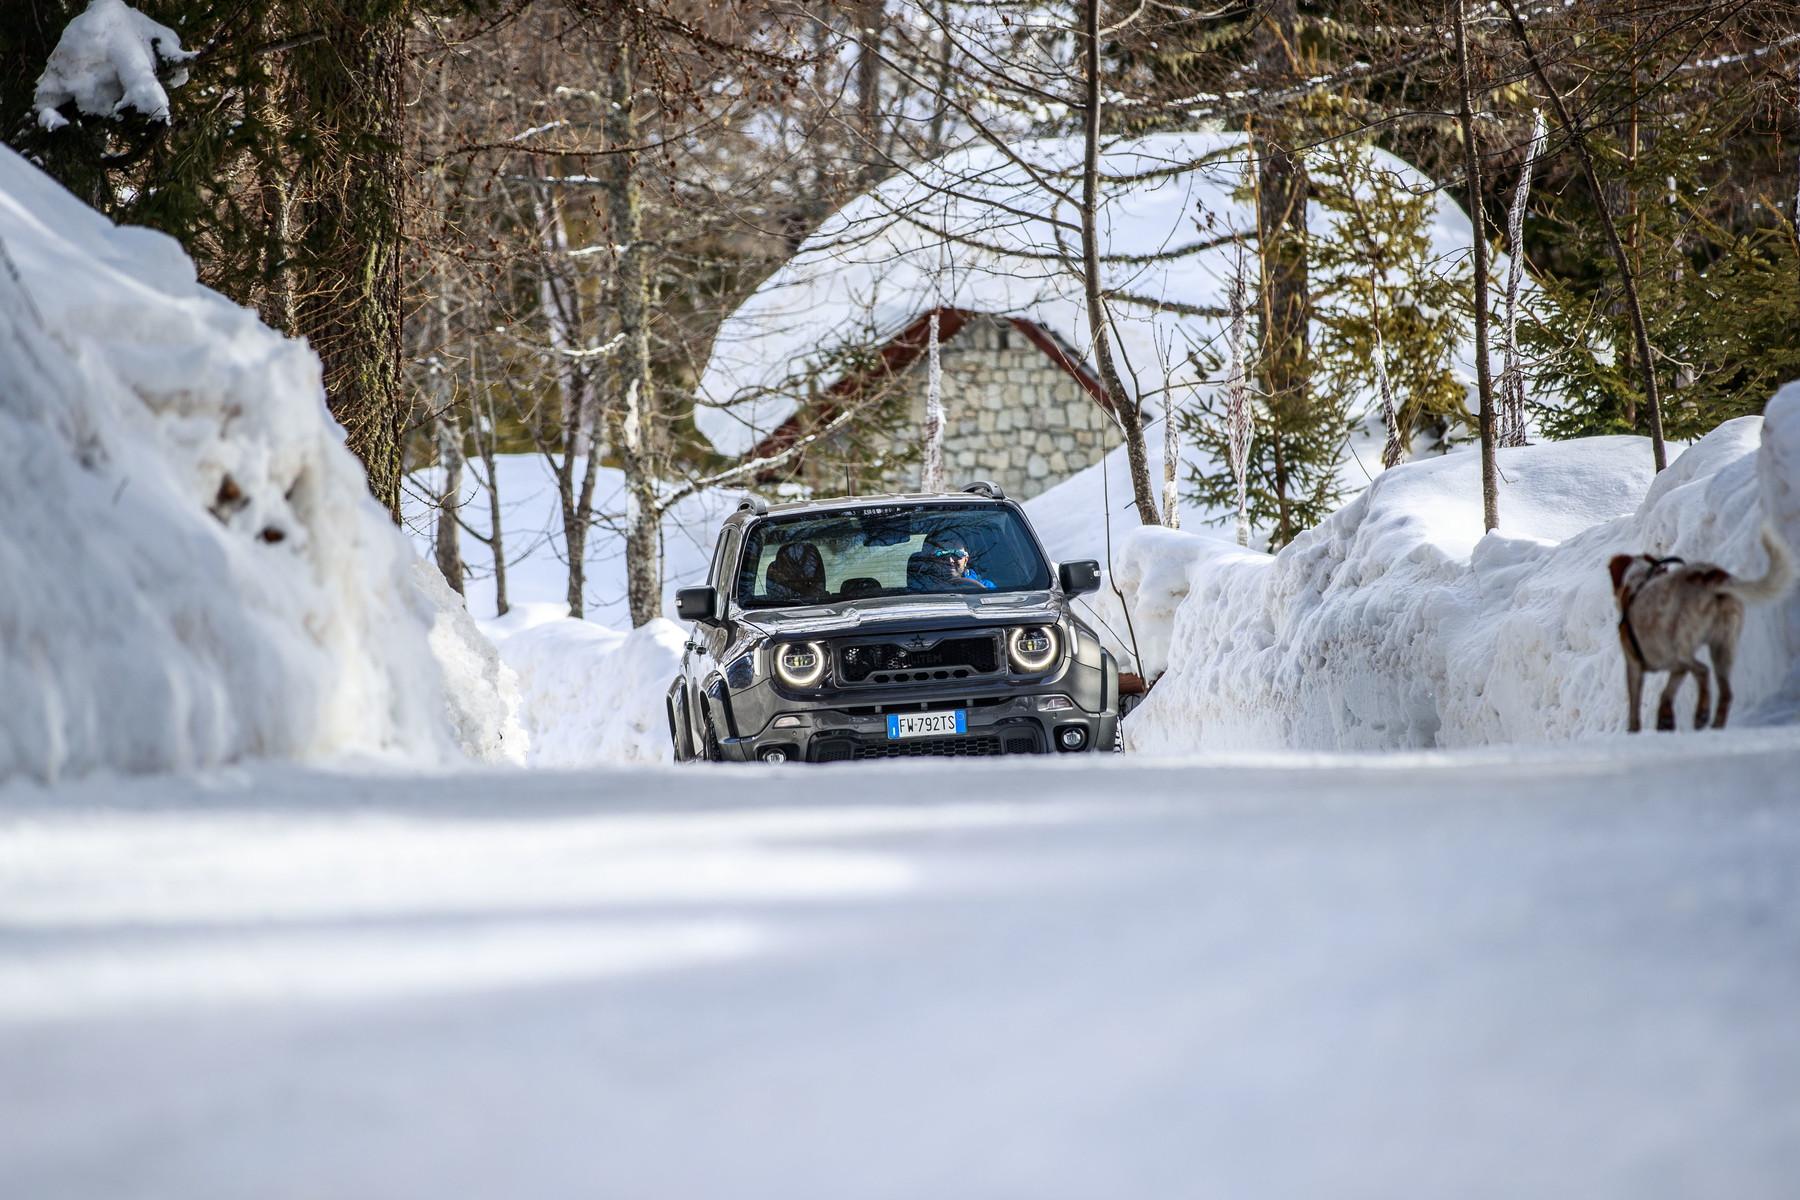 La prova della vettura da 190 CV. Foto di Luca Riva<br /><br />